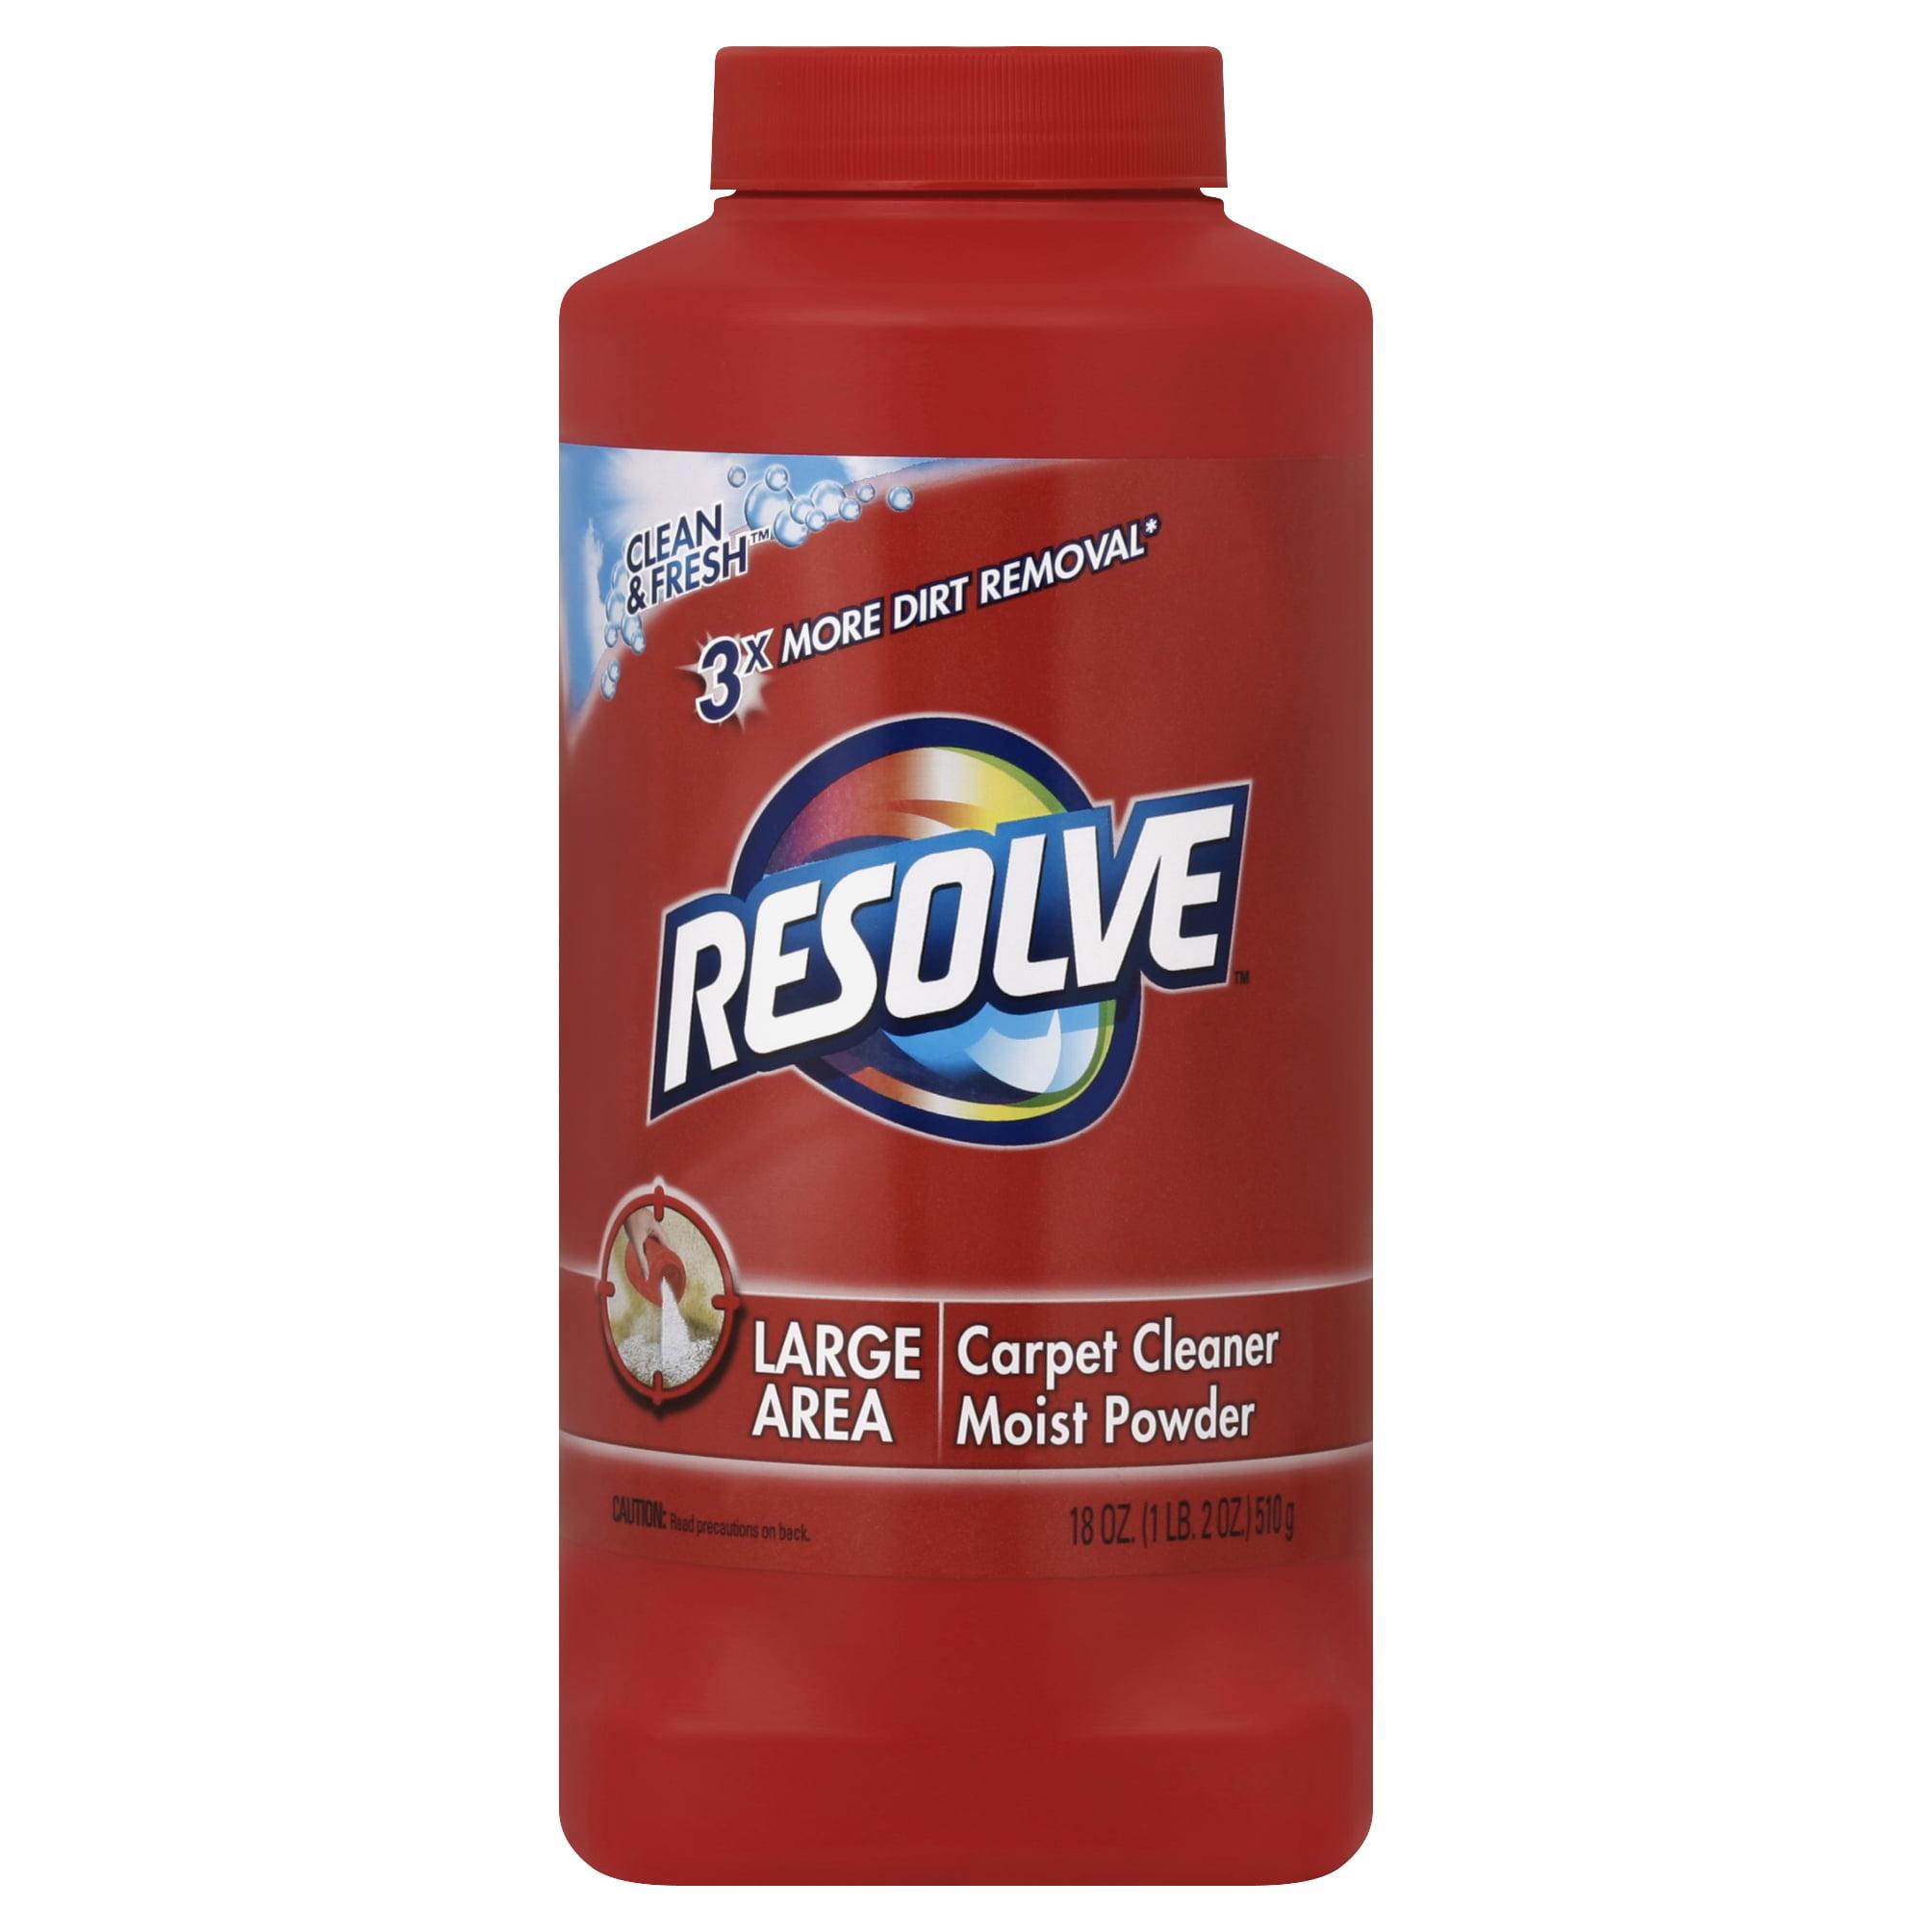 Resolve Carpet Cleaner Moist Powder, 18 Ounce